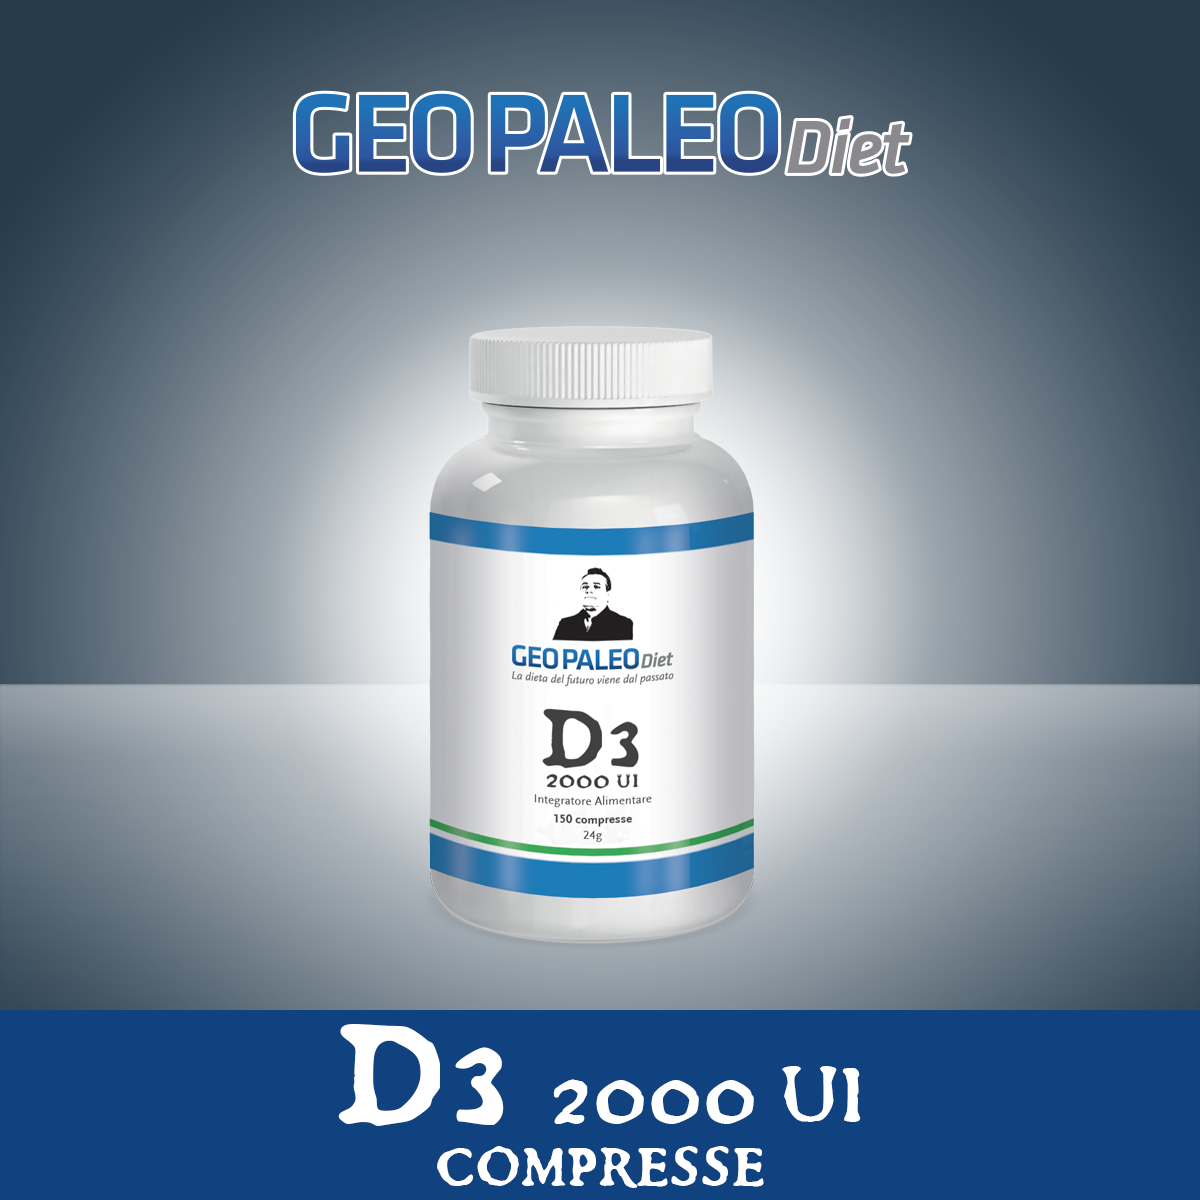 OFFERTA 18+2 Vitamina D3 Alto Dosaggio 2000 UI in mini-compresse - Senza Biossido di Titanio/Silicio